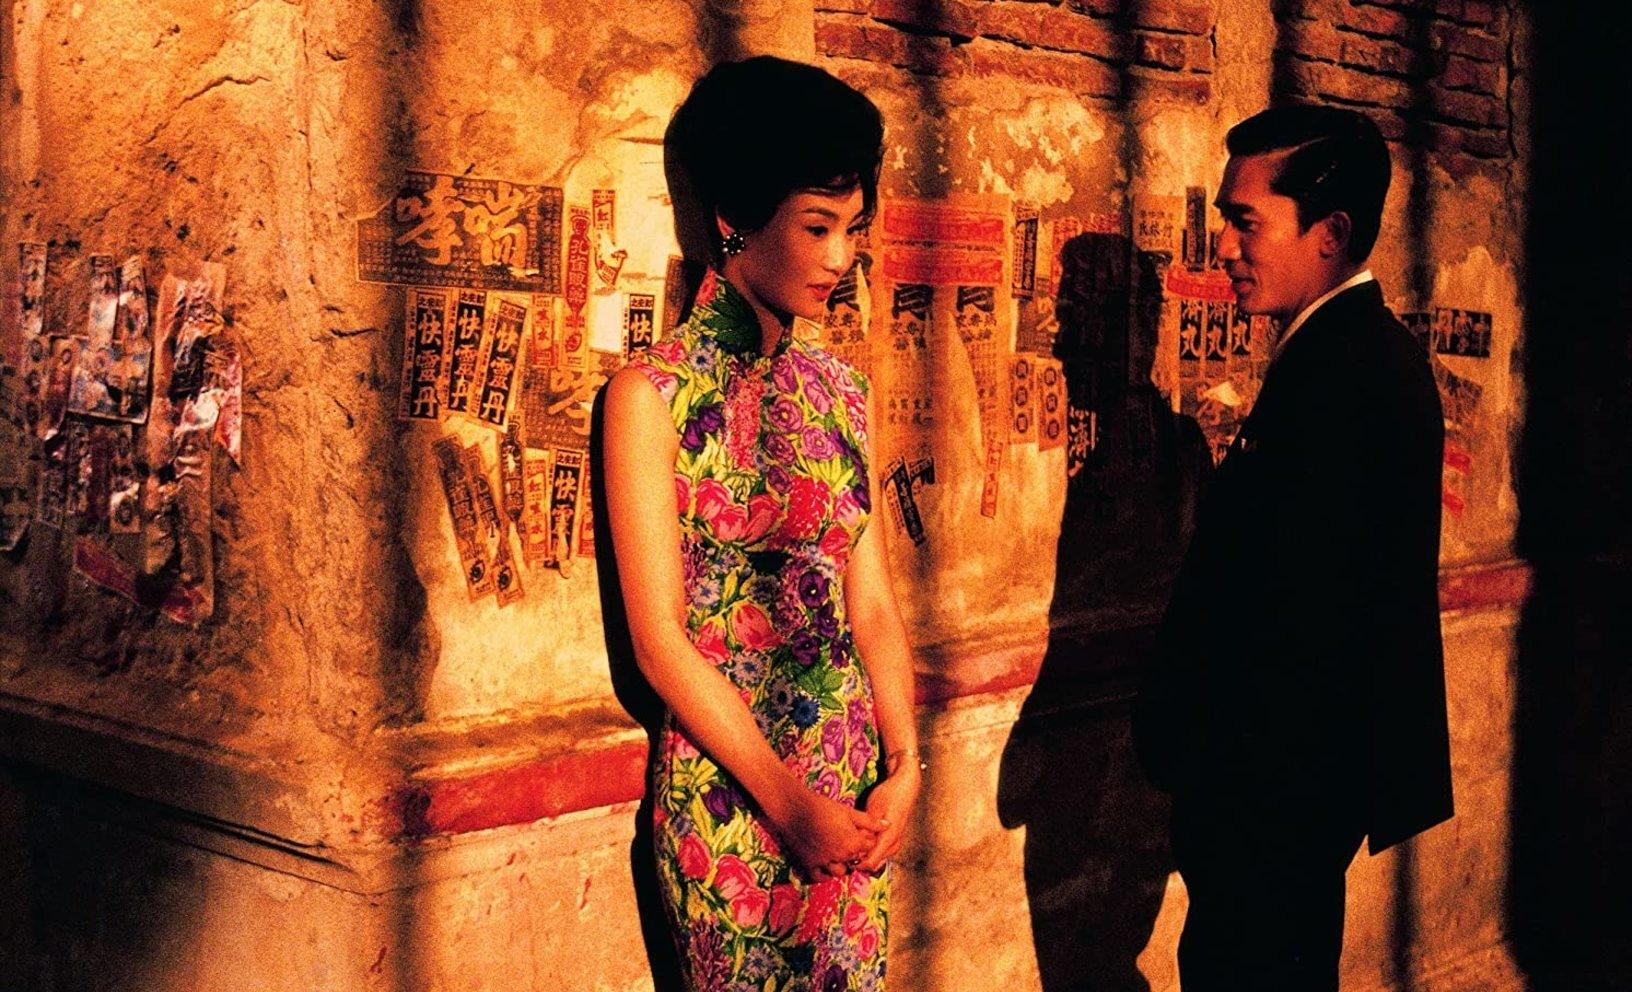 знаковые фильмы Китая, Кореи и Японии